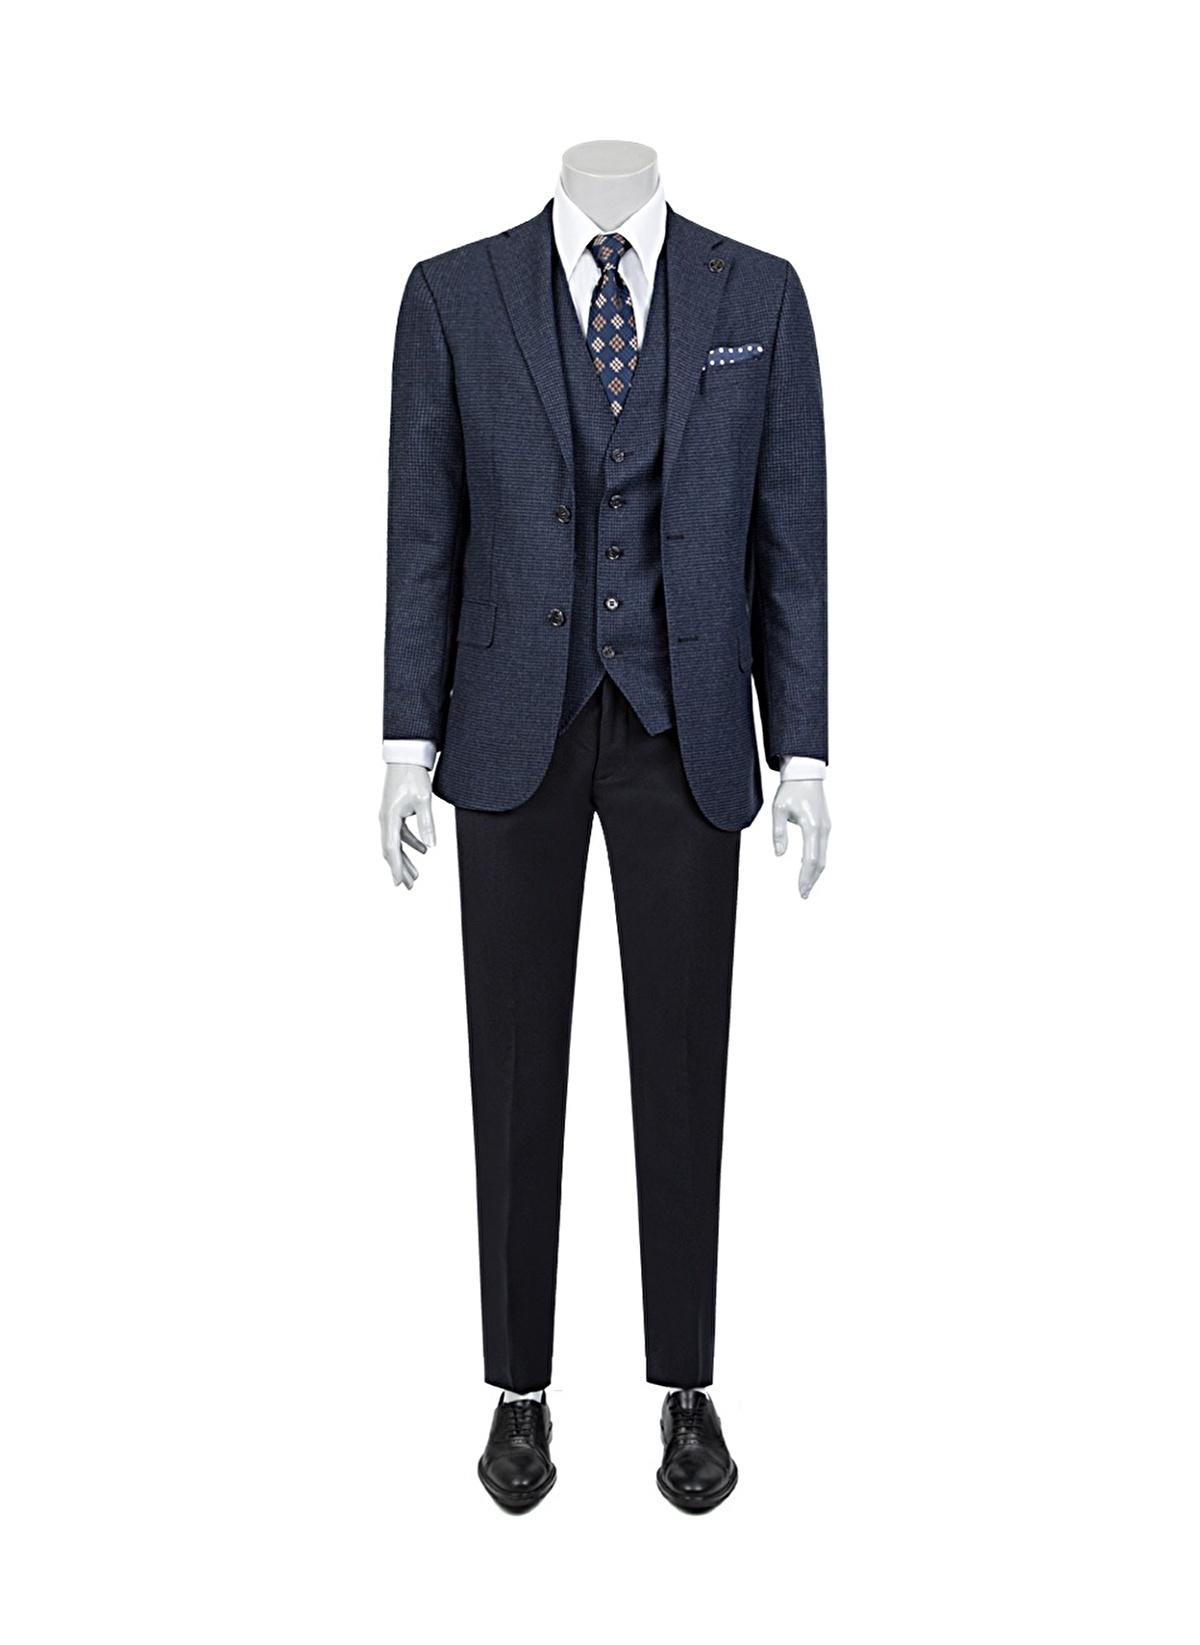 Damat Takım Elbise 1dfy5s612562101 Yelekli Takım Elbise – 1999.99 TL